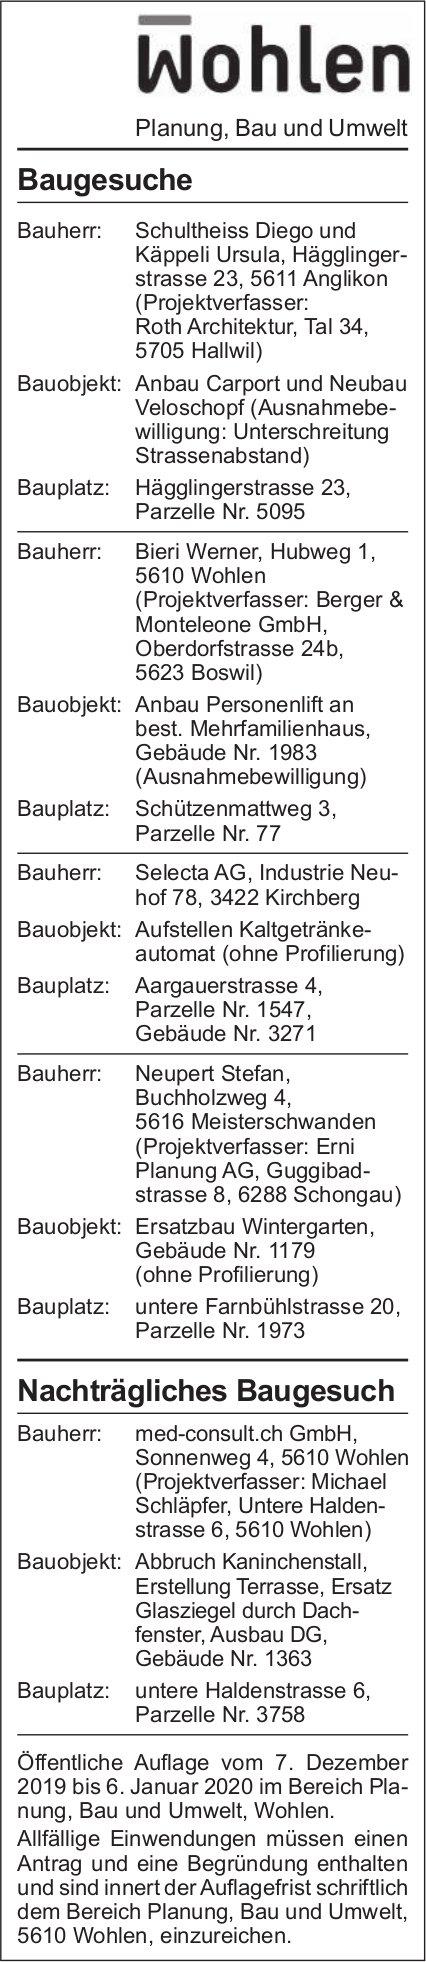 Gemeinde Wohlen - Baugesuche